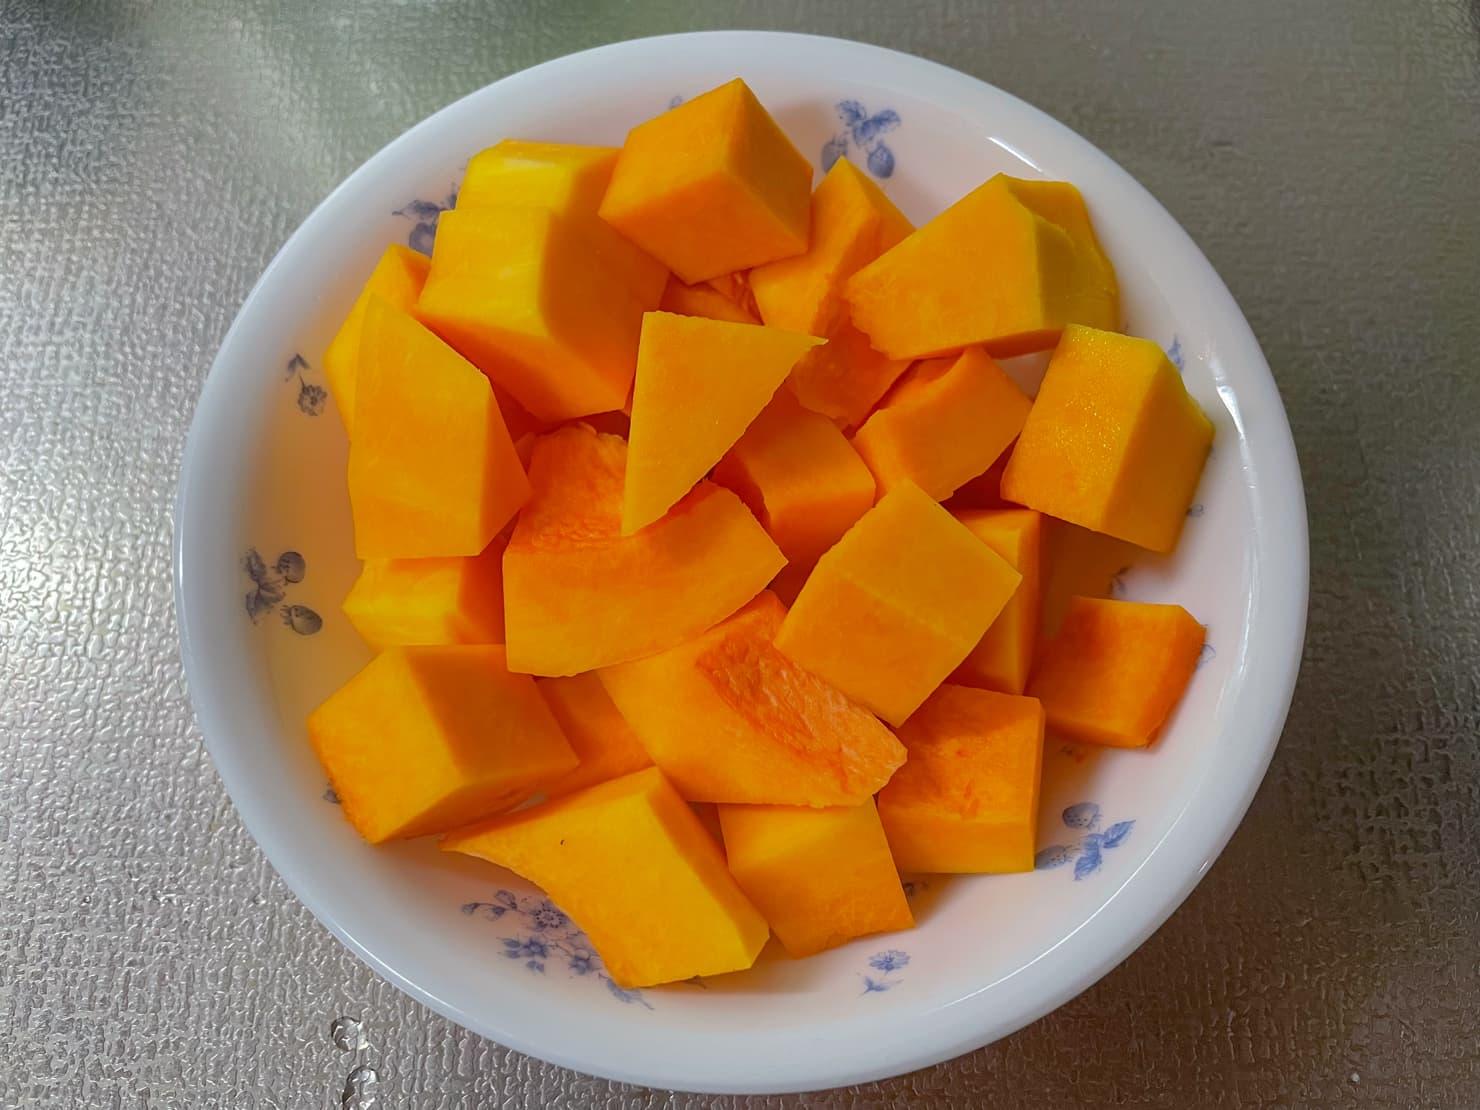 バターナッツかぼちゃを切ったところの写真